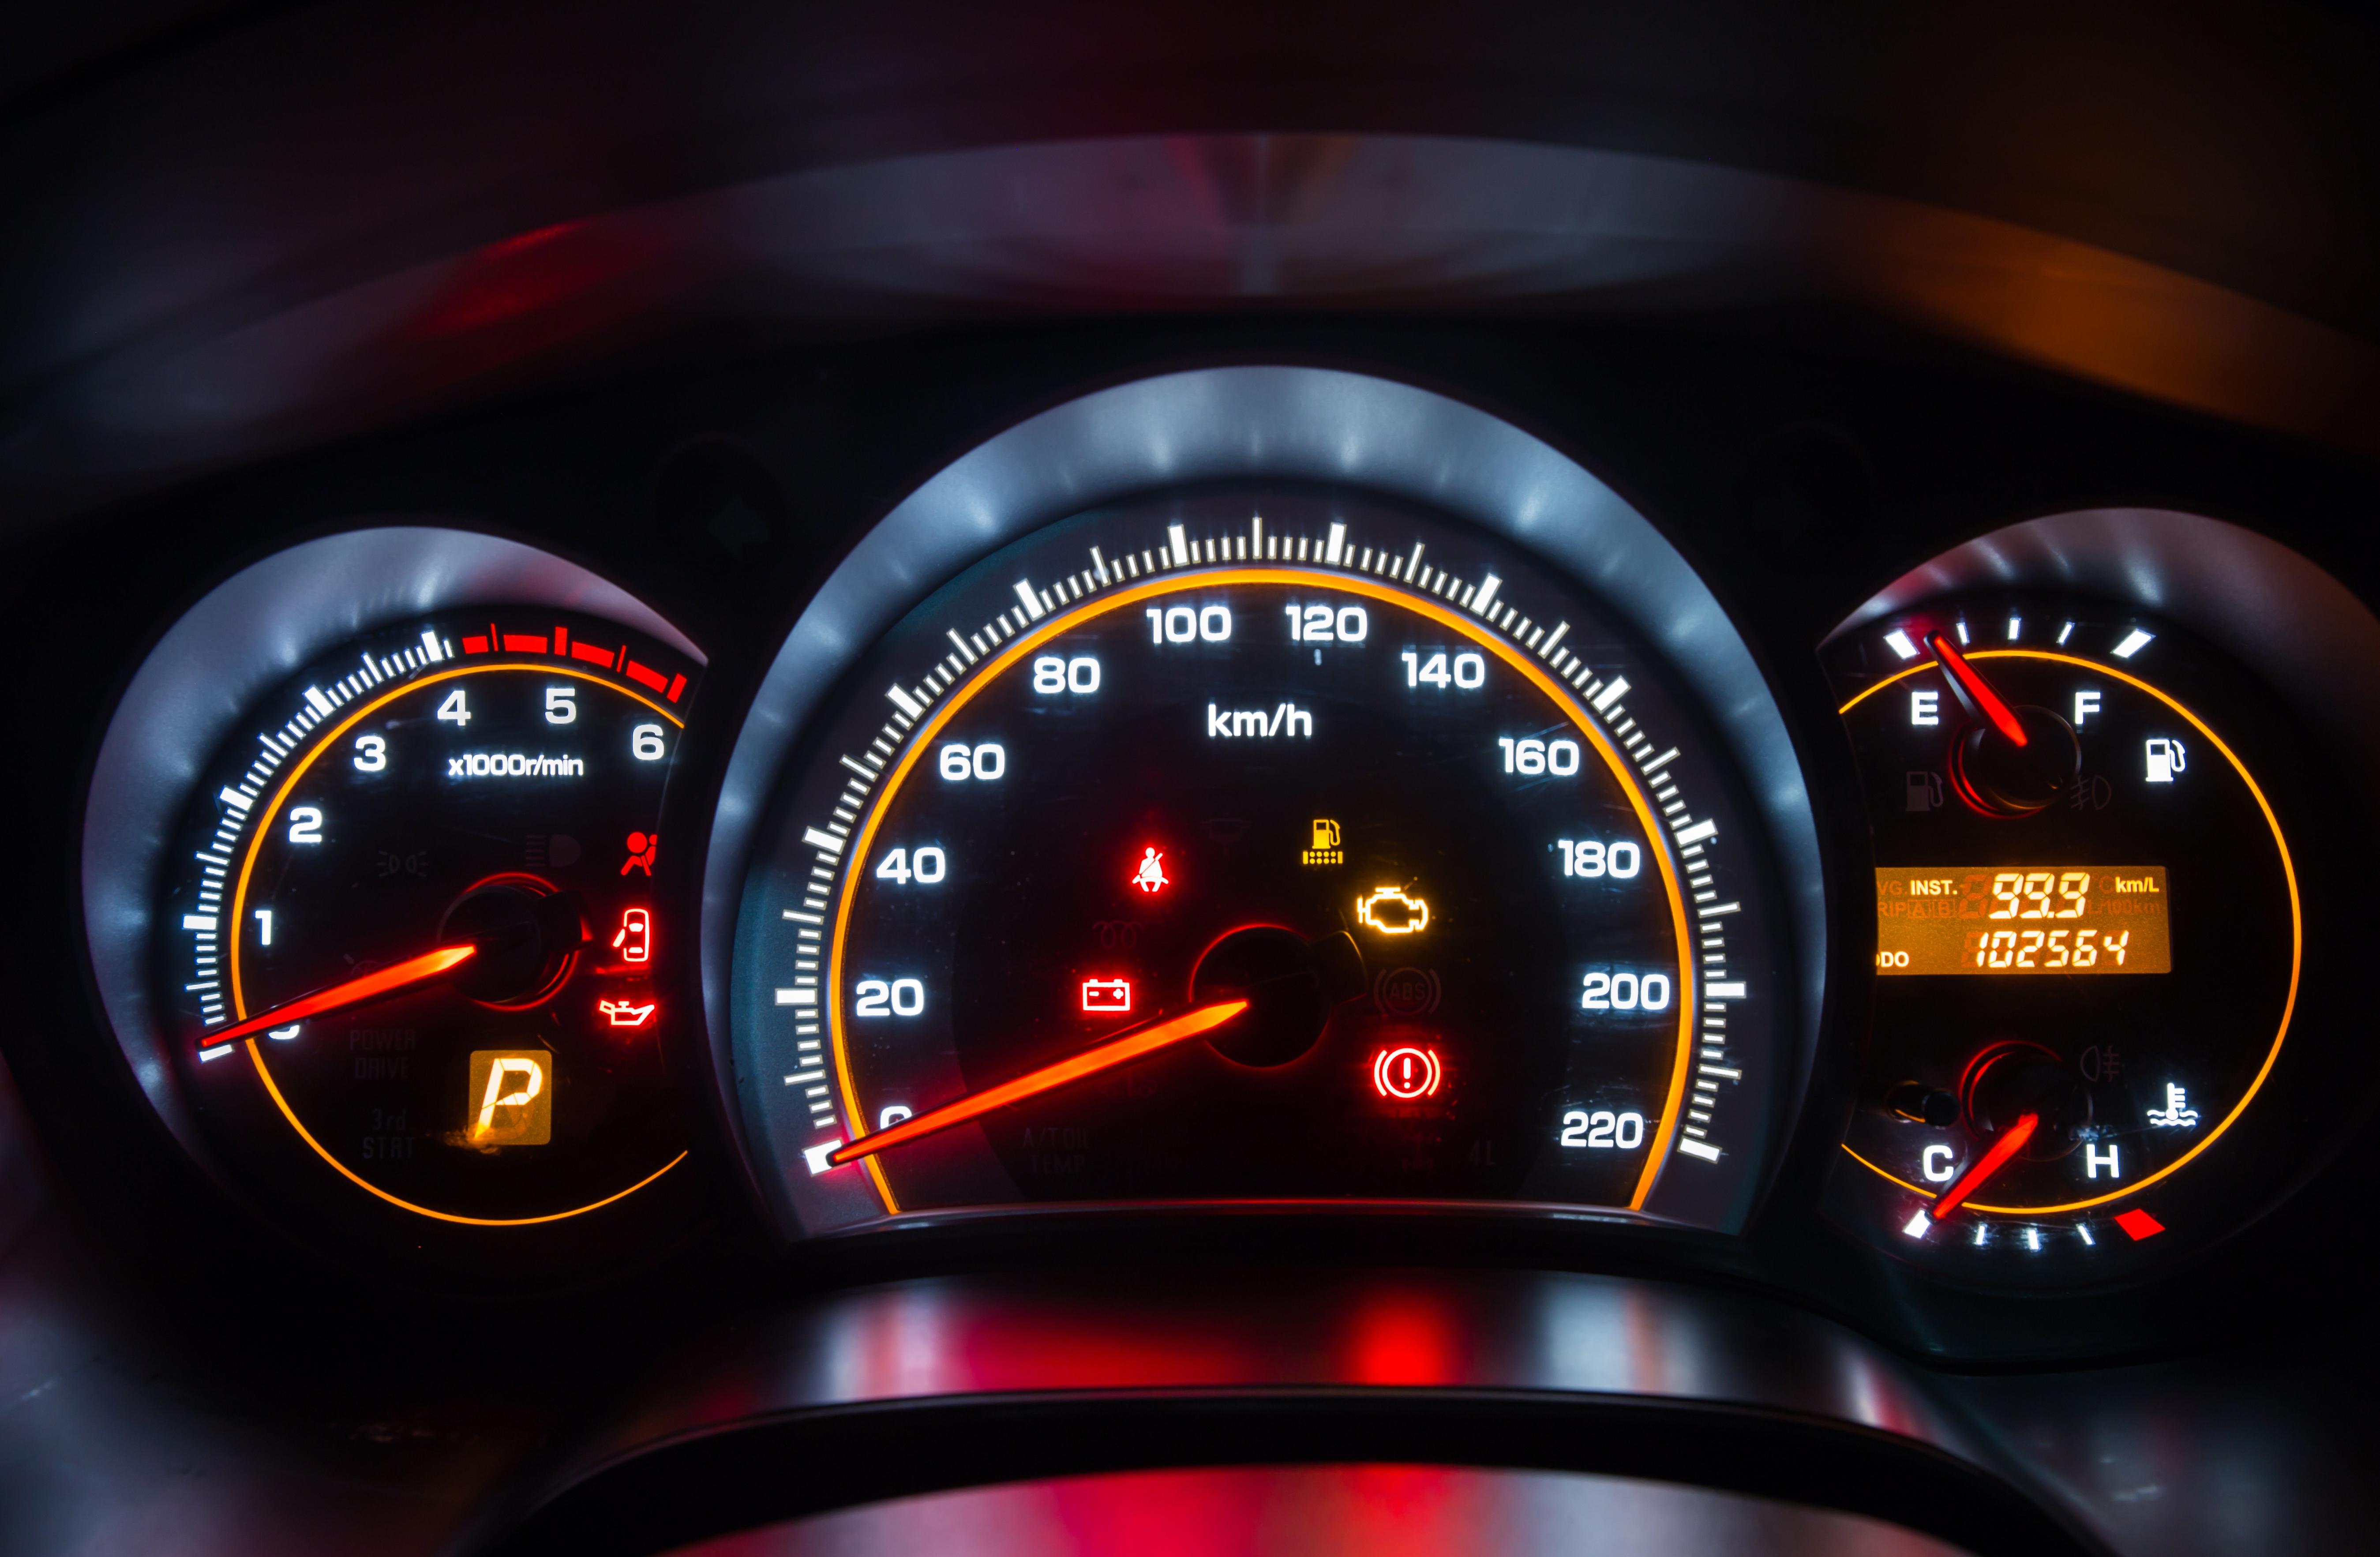 Ageas Car Insurance >> What's that light? - Ageas